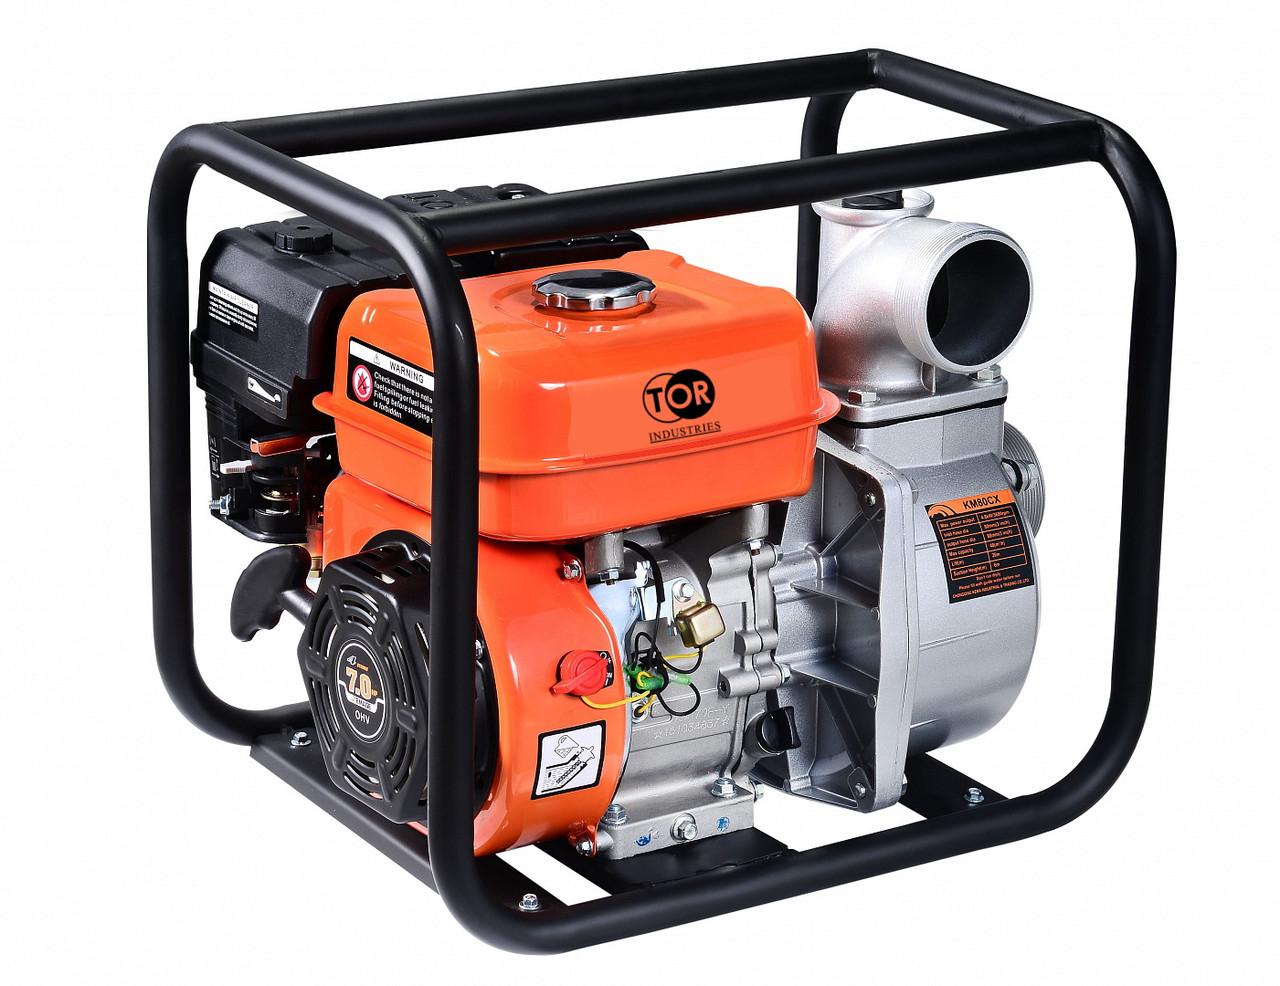 Мотопомпа бензиновая для чистой воды TOR KM50CX 28 м3/час